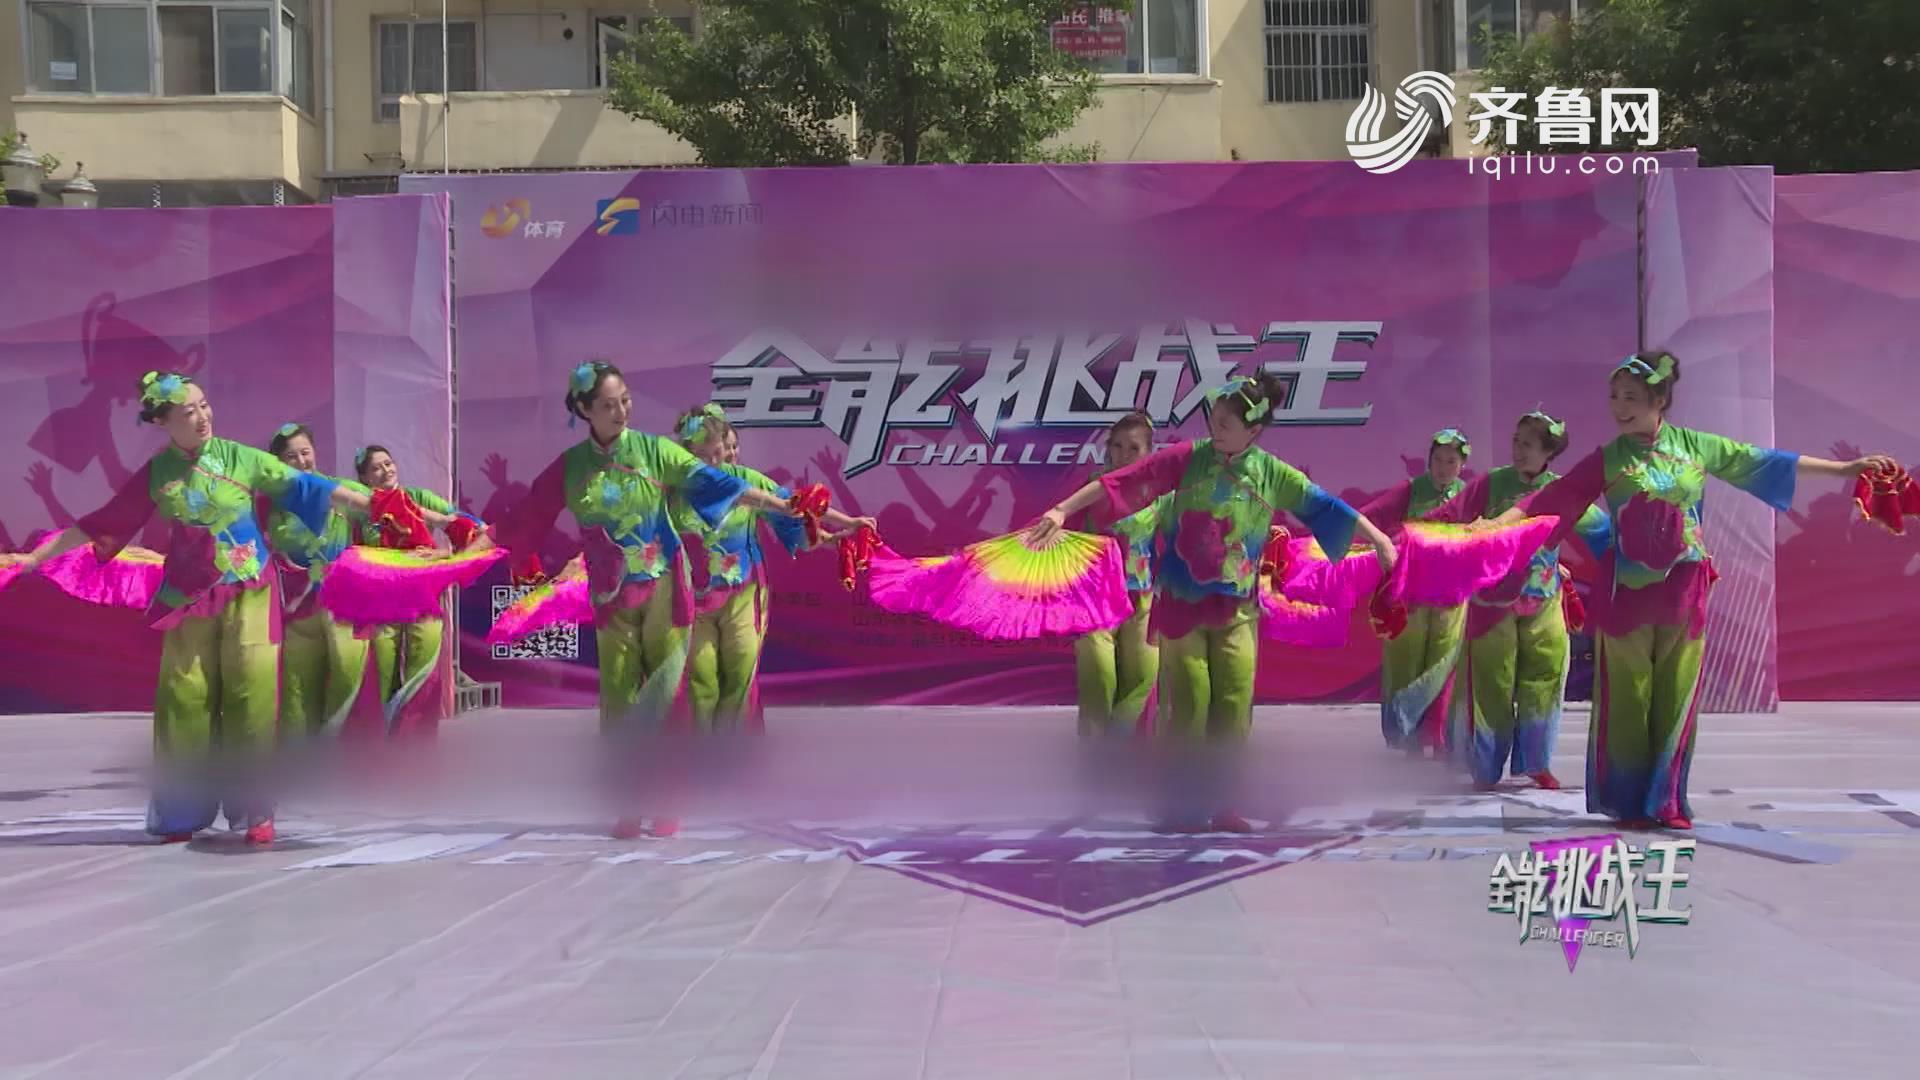 《全能挑战王》威海北门外金秋艺术团表演《情满花鼓》